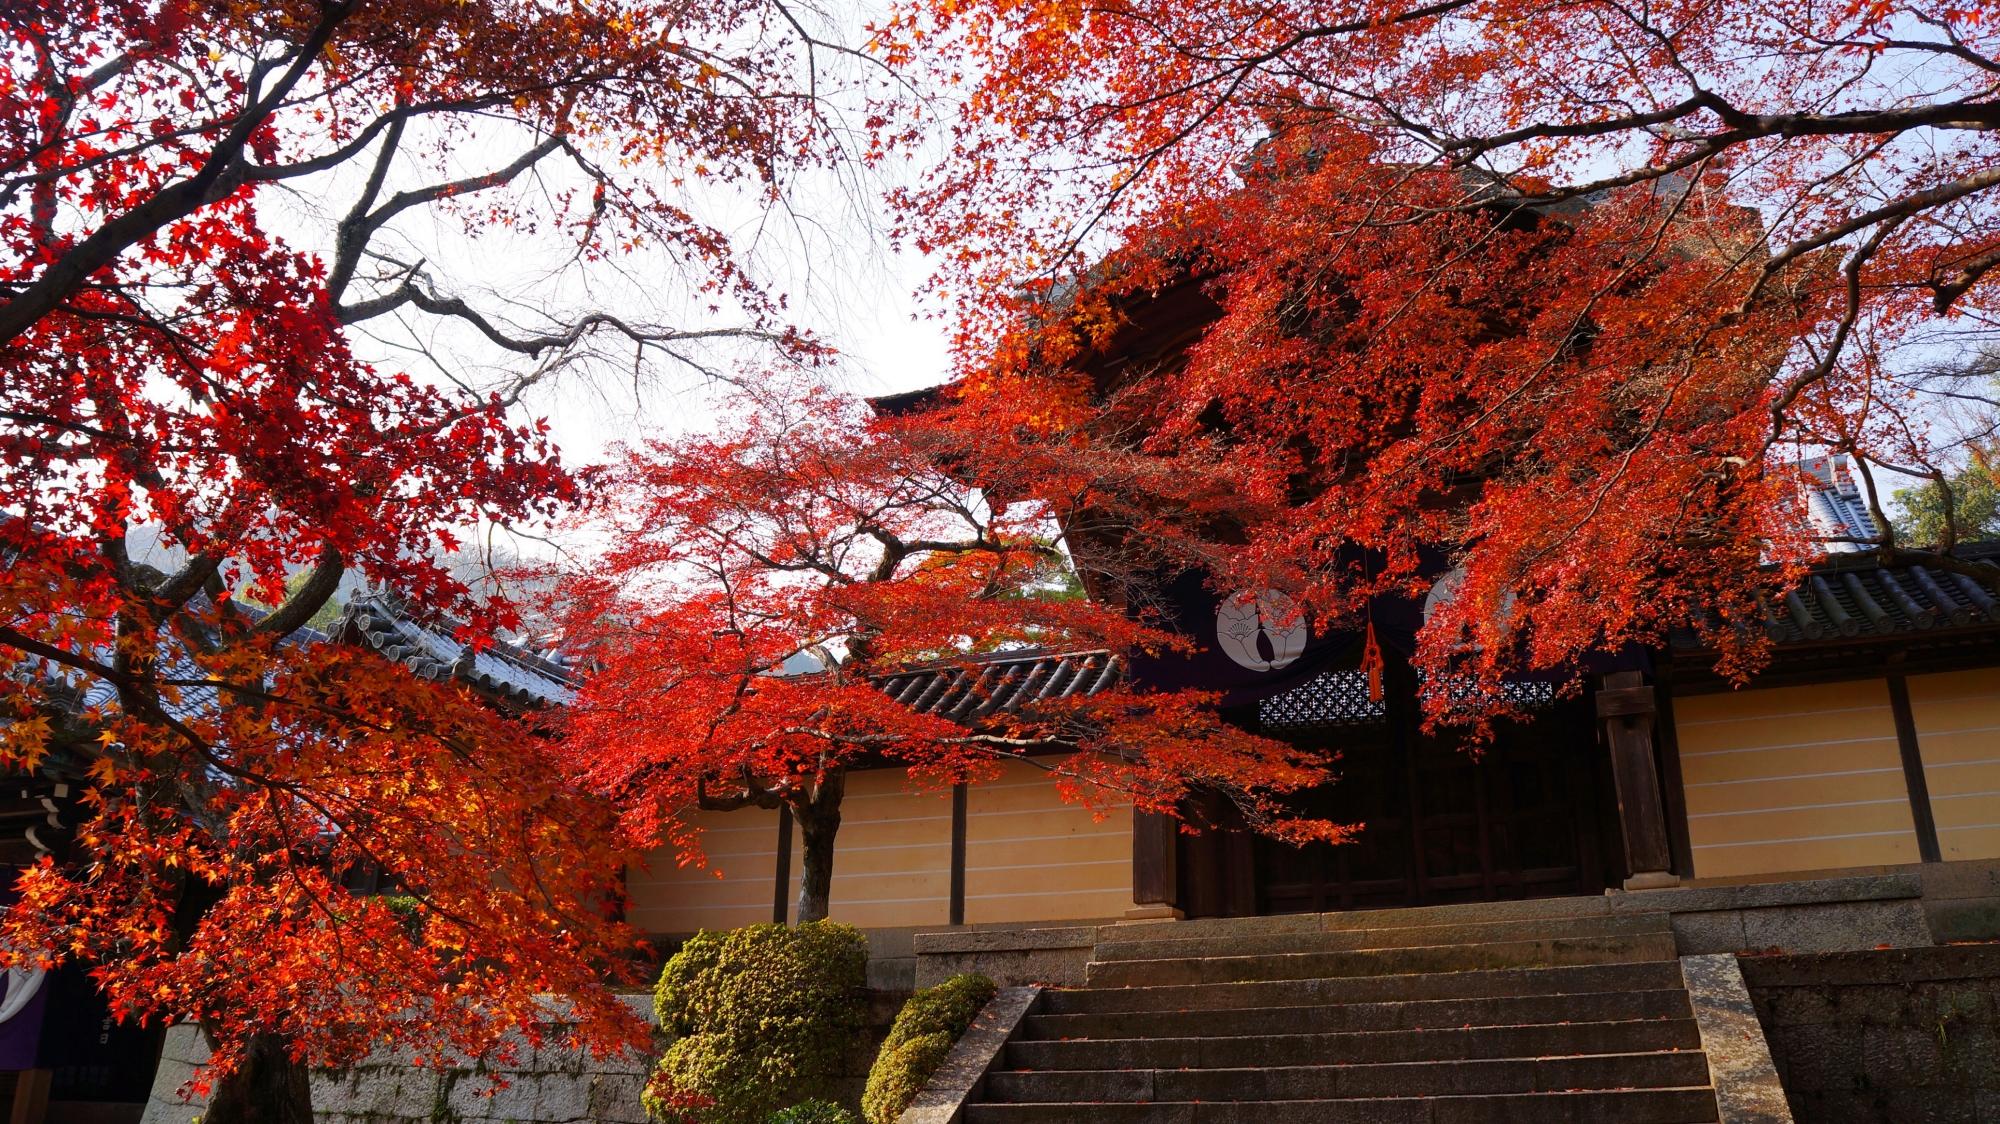 何本もの木や枝から優雅に溢れる赤い紅葉